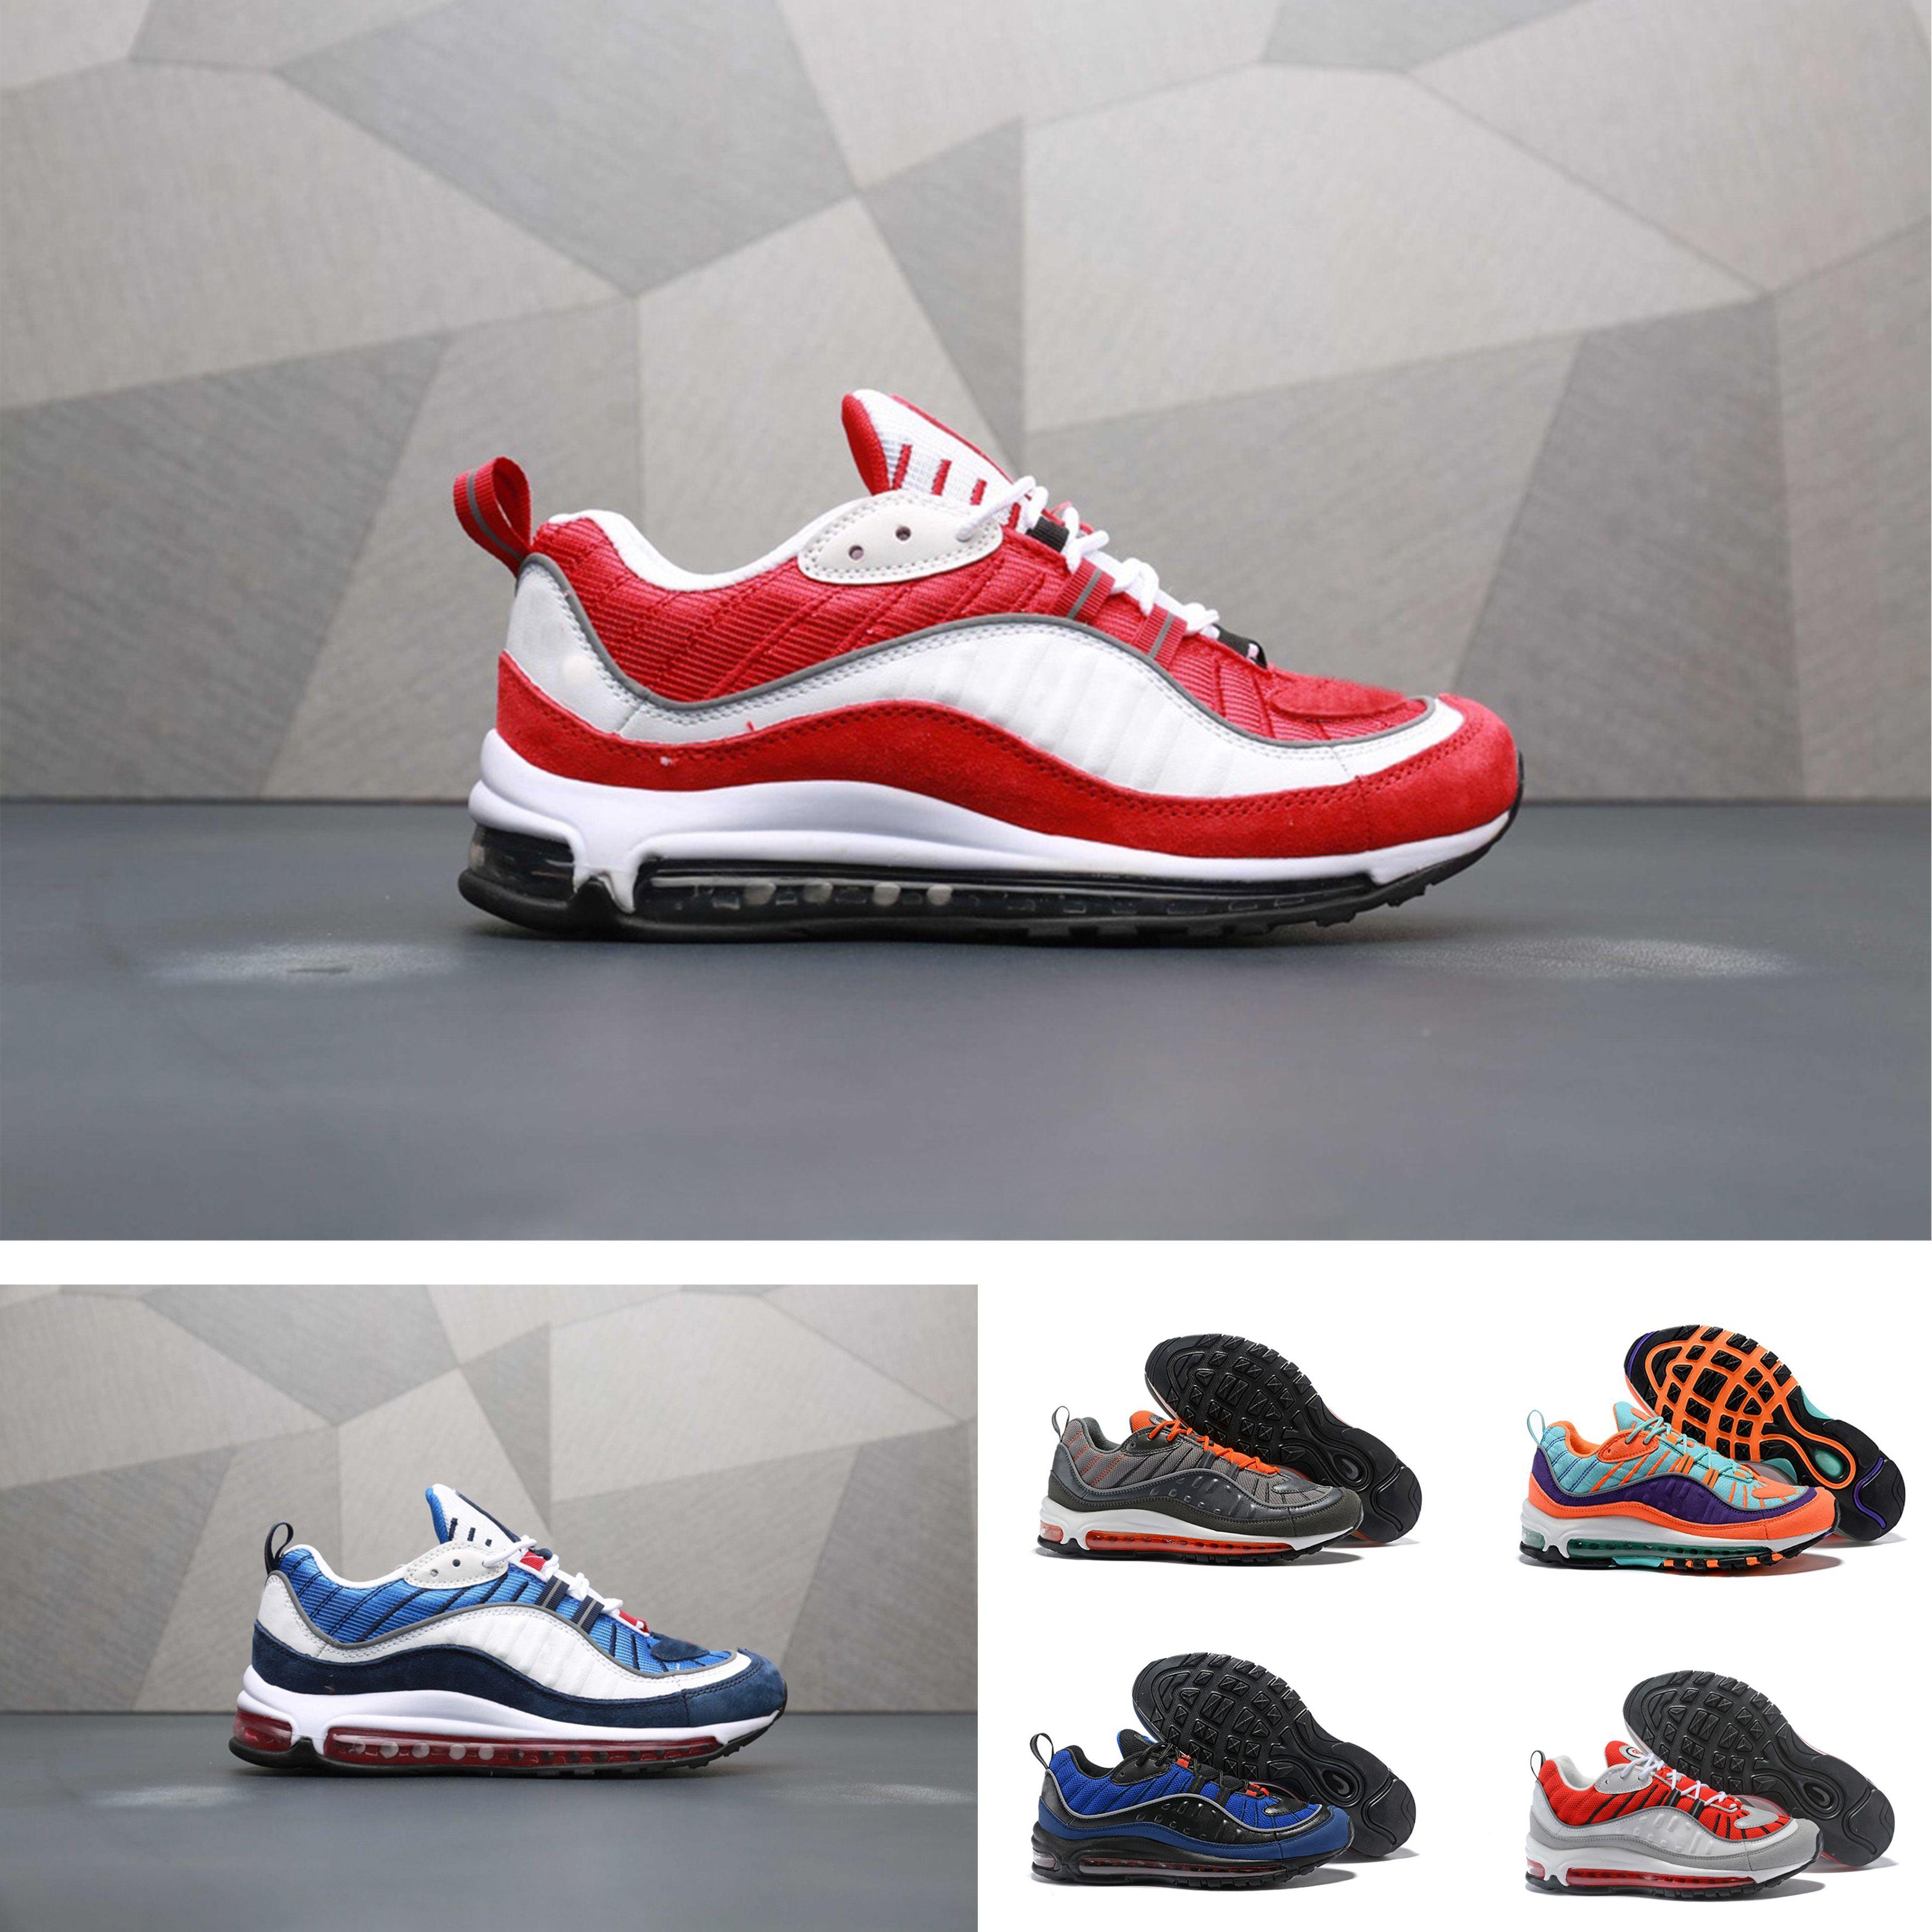 half off b57cb 3dab0 Acquista Nike Air Max 98 Designer Shoes Nuovo Arrivo Fashion 98 Bullet  Sneakers Uomo Scarpe Di Design Corss Jogging Scarpe Da Passeggio Uomo  Outdoor Scarpe ...